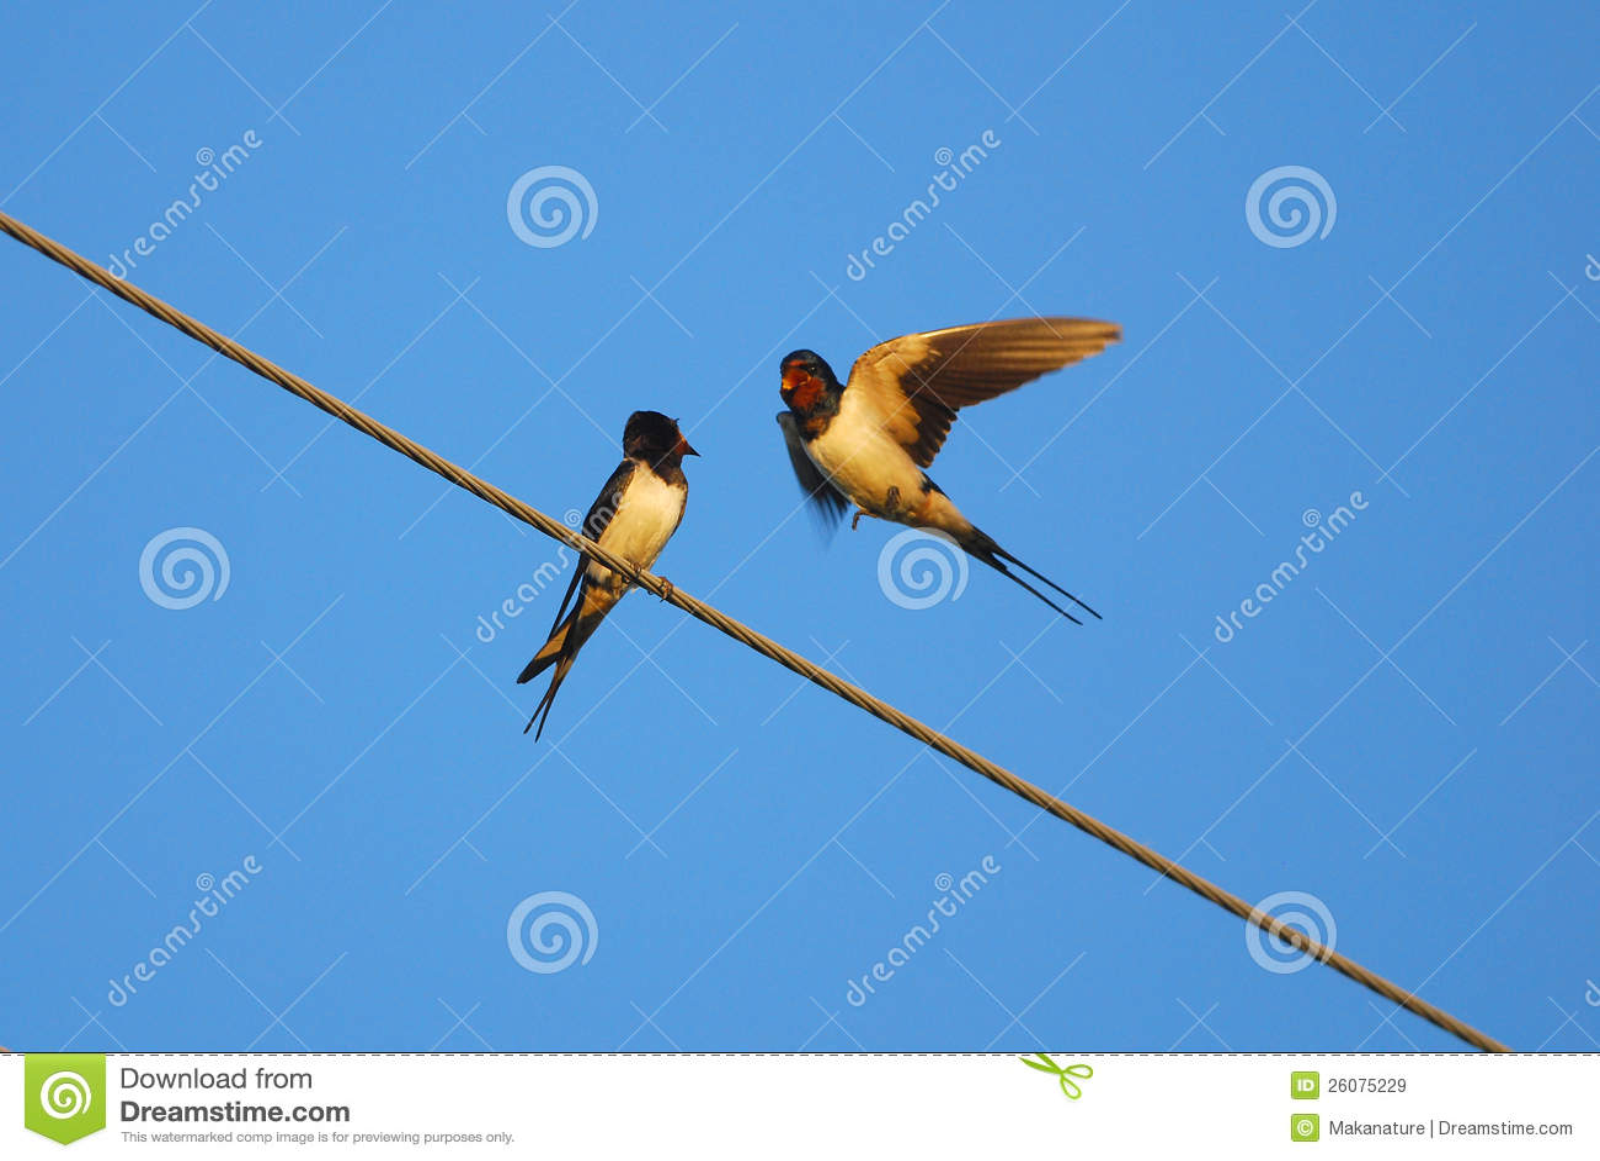 2 swallows